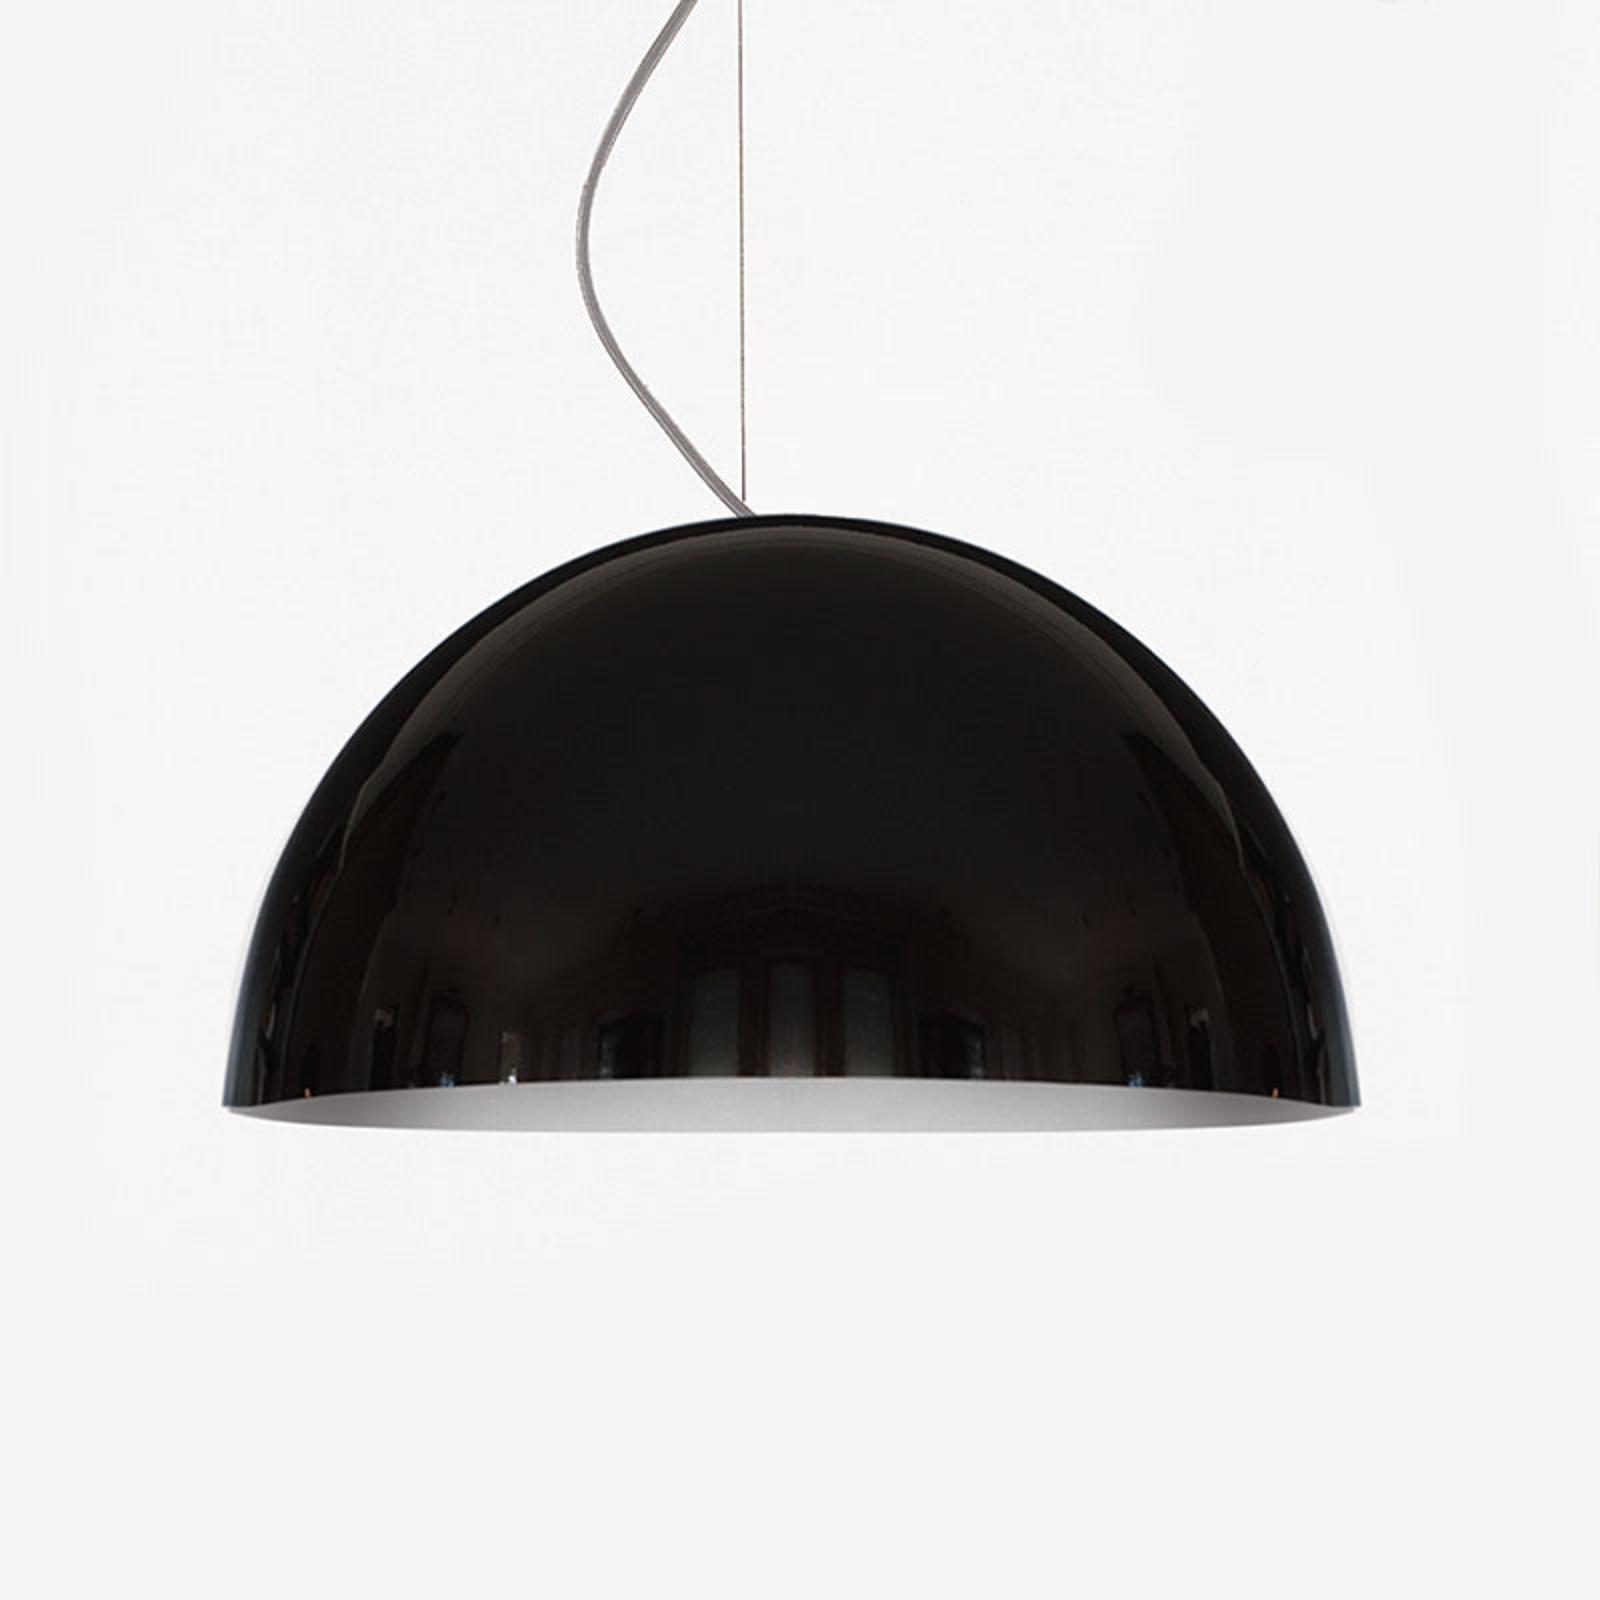 Oluce Sonora - schwarze Hängeleuchte, 38 cm